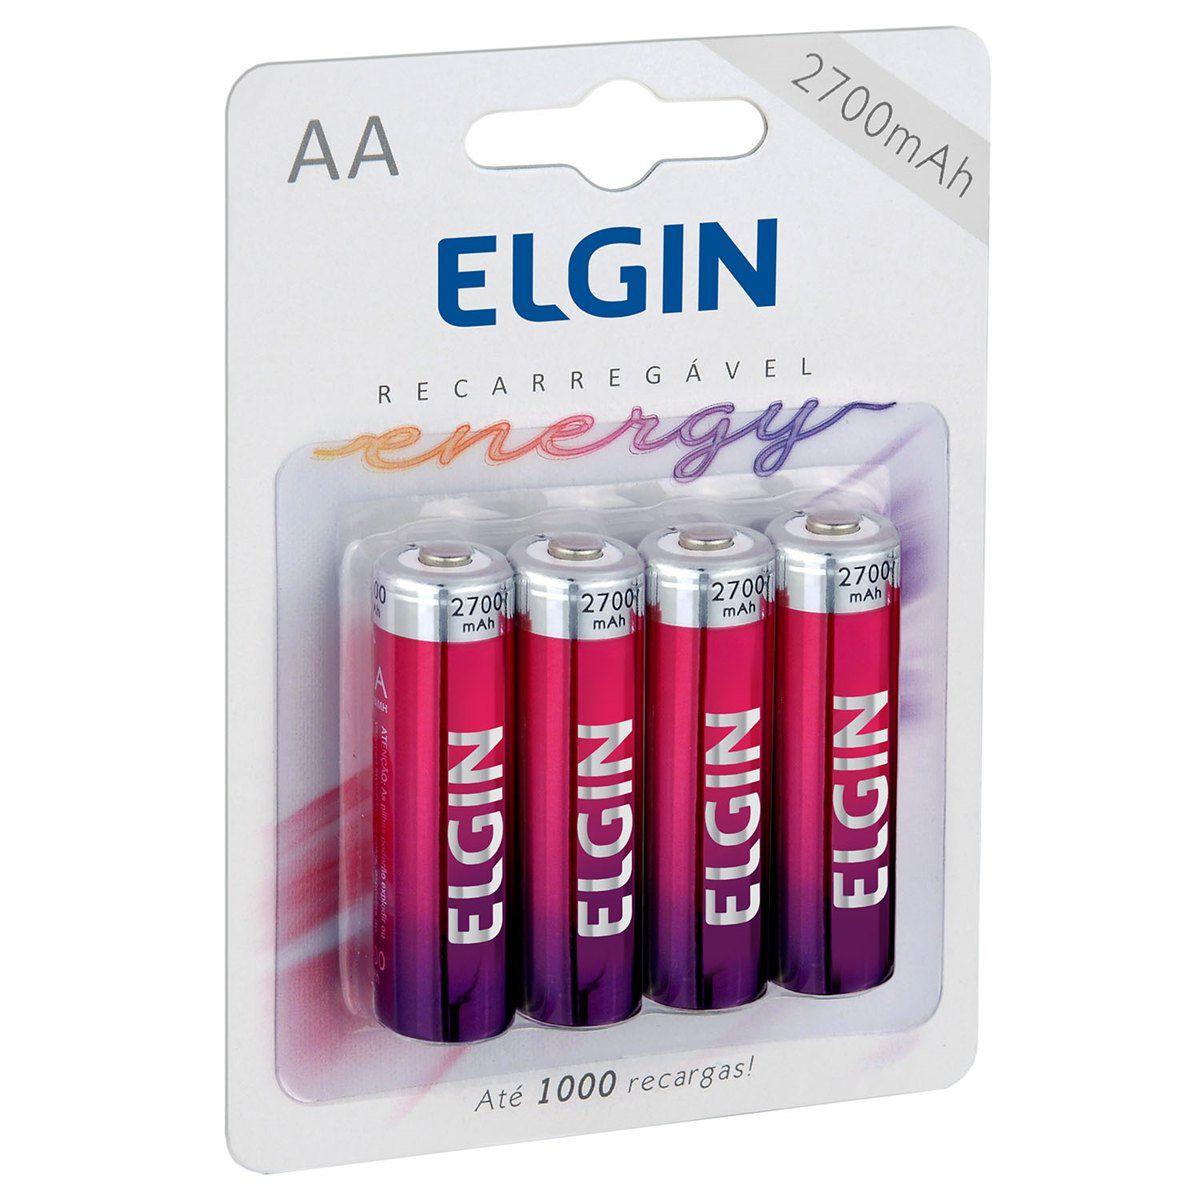 08 Pilhas AA 2700mAh Recarregável ELGIN - 02 cartelas com 4 unidades